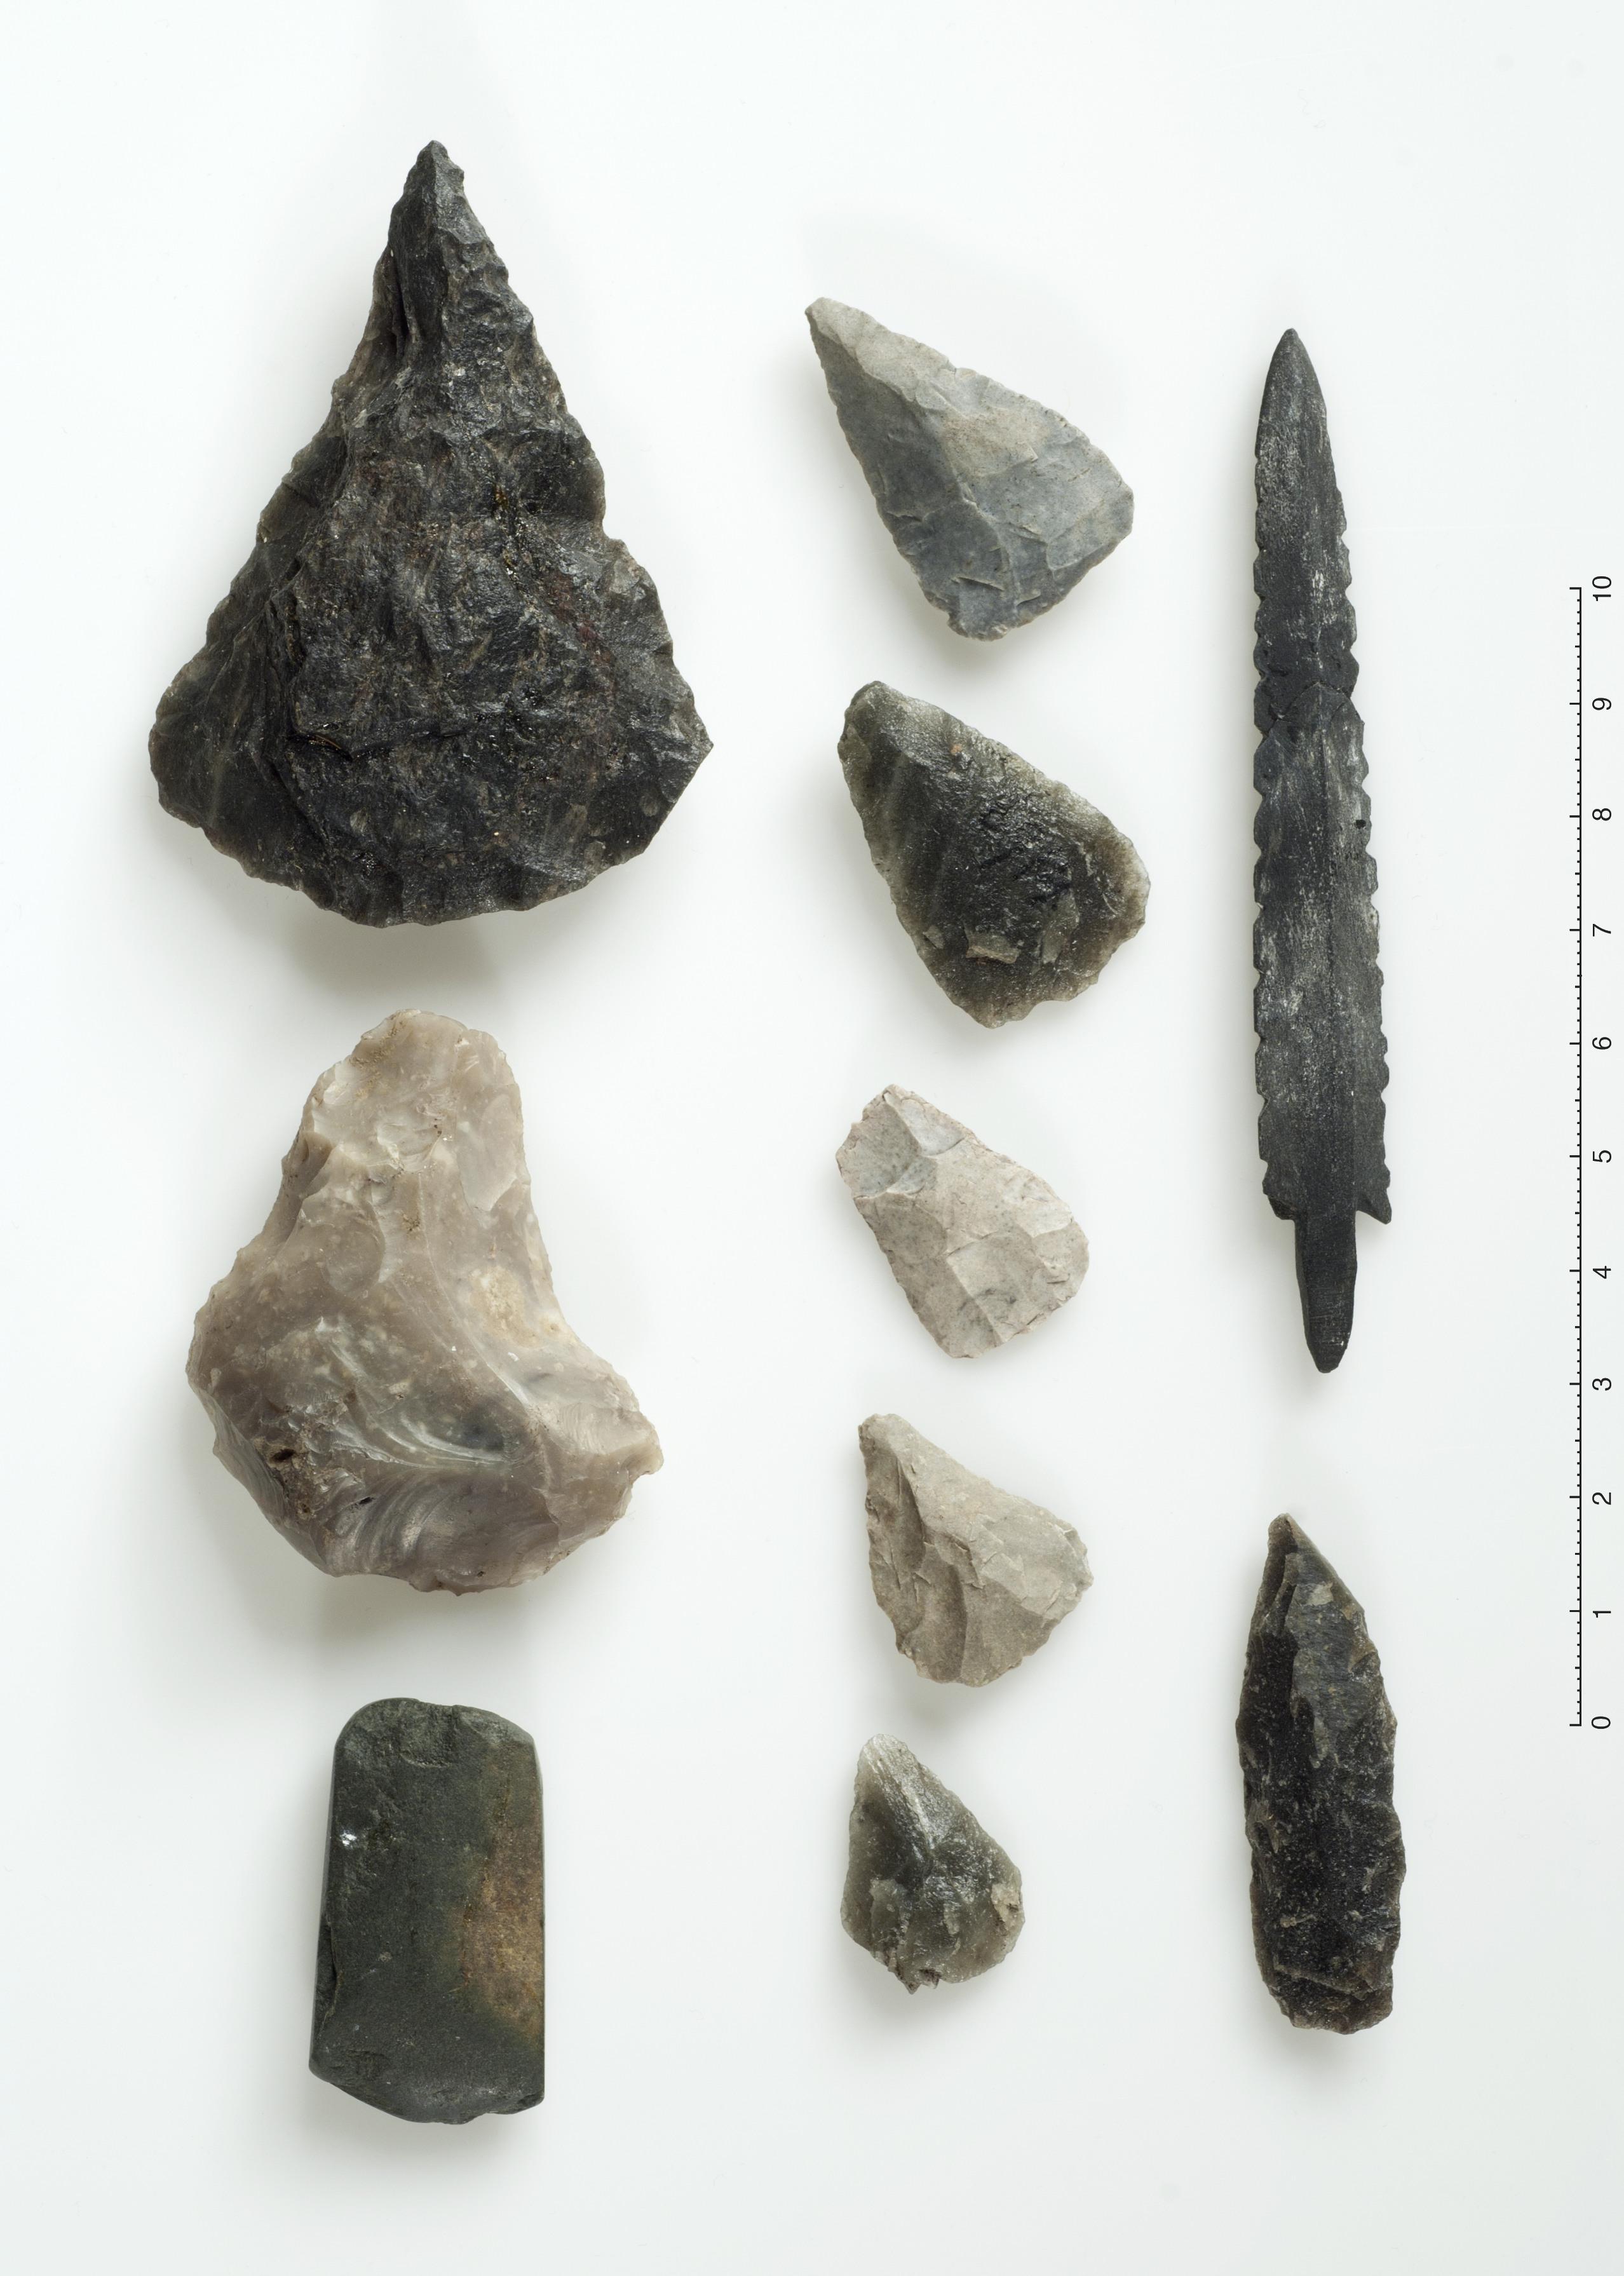 Pilspissar av kvarts og skifer. Nedst til venstre ein skrapar av flint og ein steinøks av grønstein.